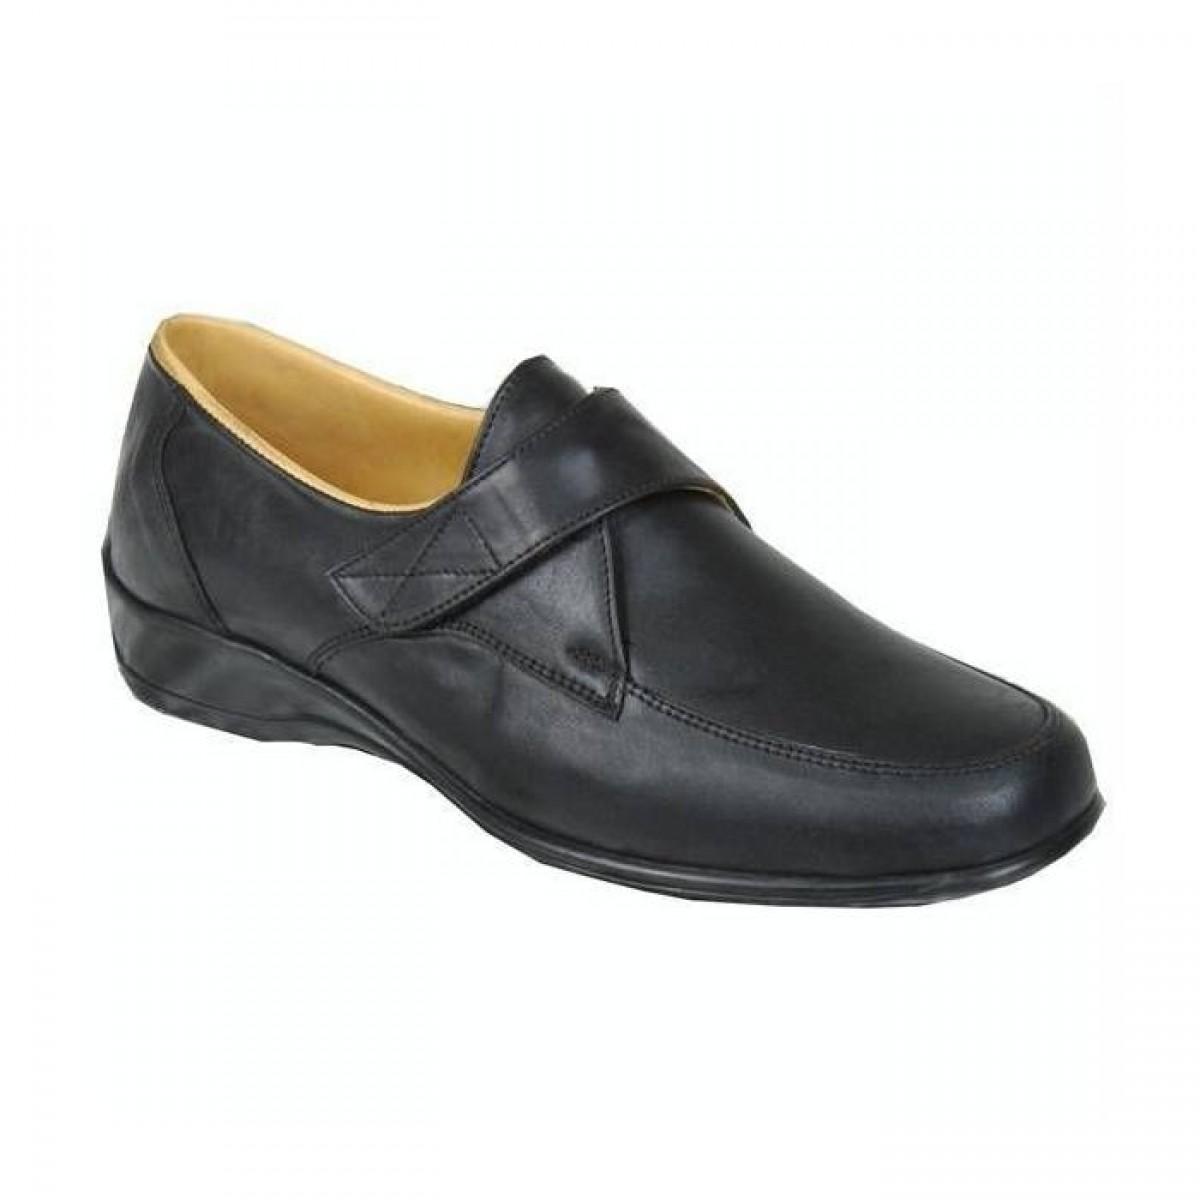 Ges Bayan Ortopedik Diabet Ayakkabısı